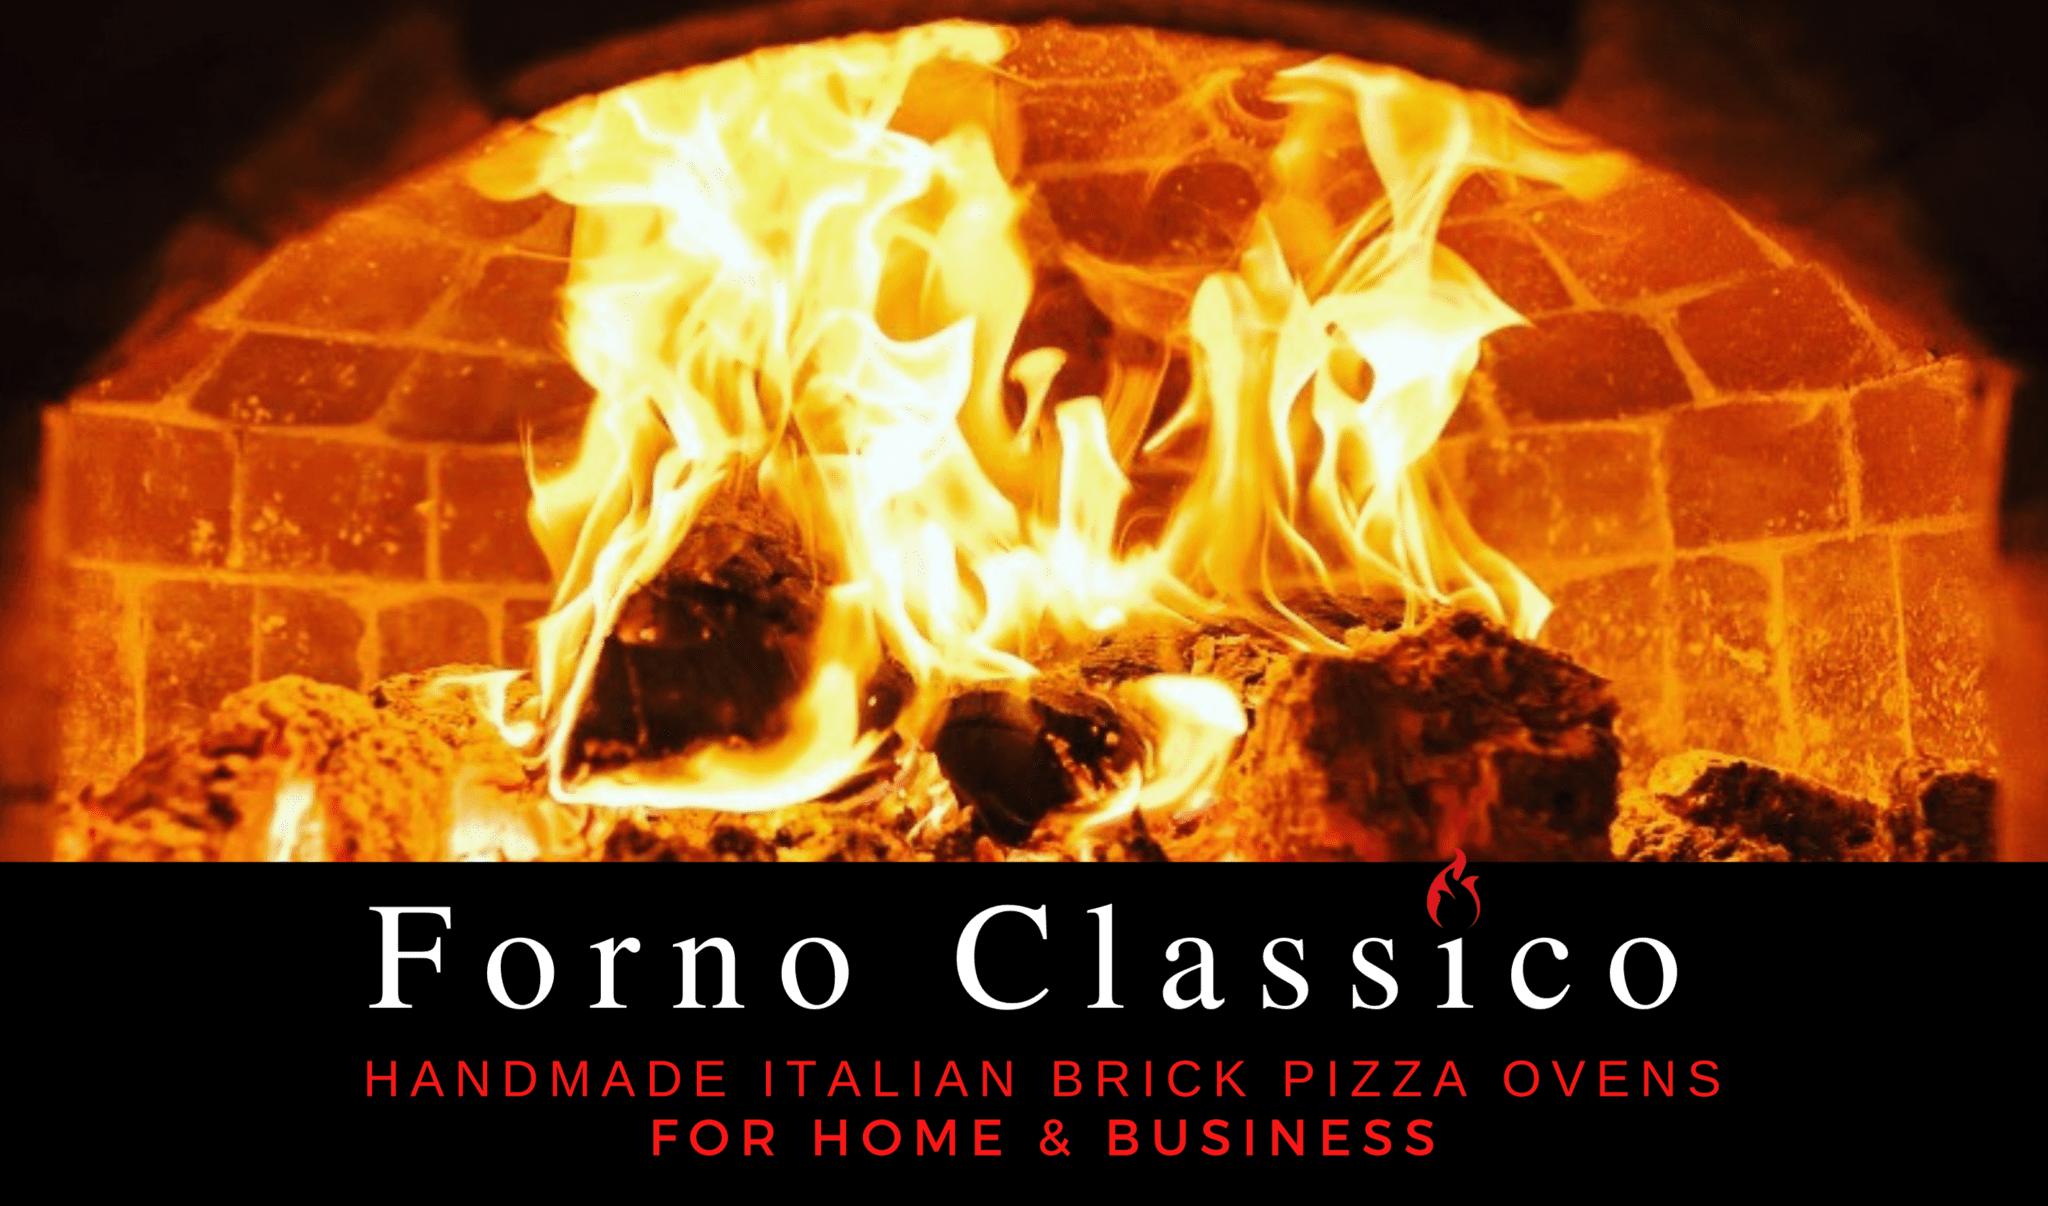 forno classico pizza ovens